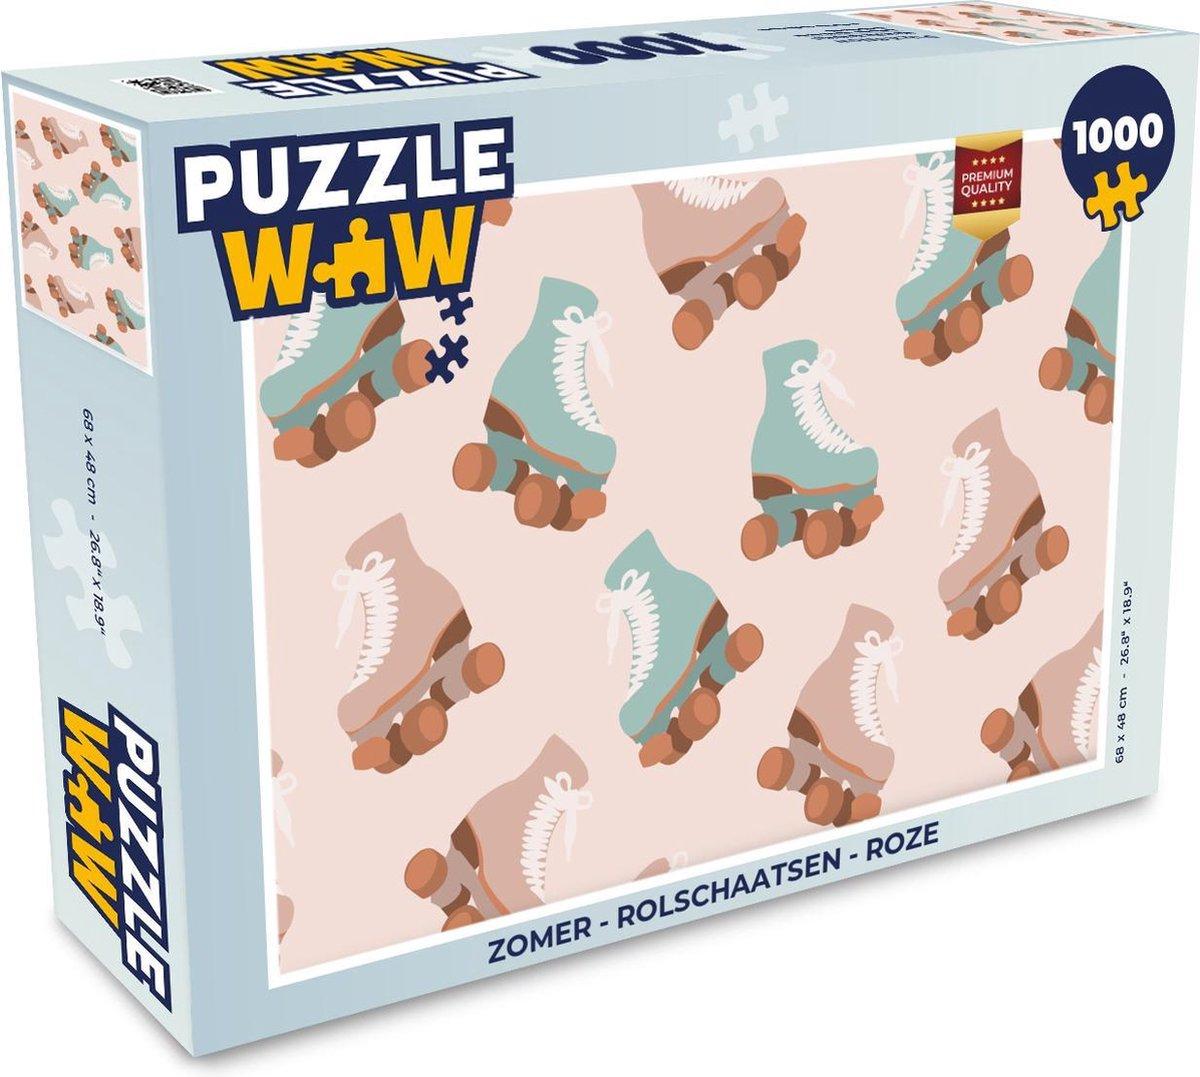 Puzzel Zomer - Rolschaatsen - Roze - Legpuzzel - Puzzel 1000 stukjes volwassenen